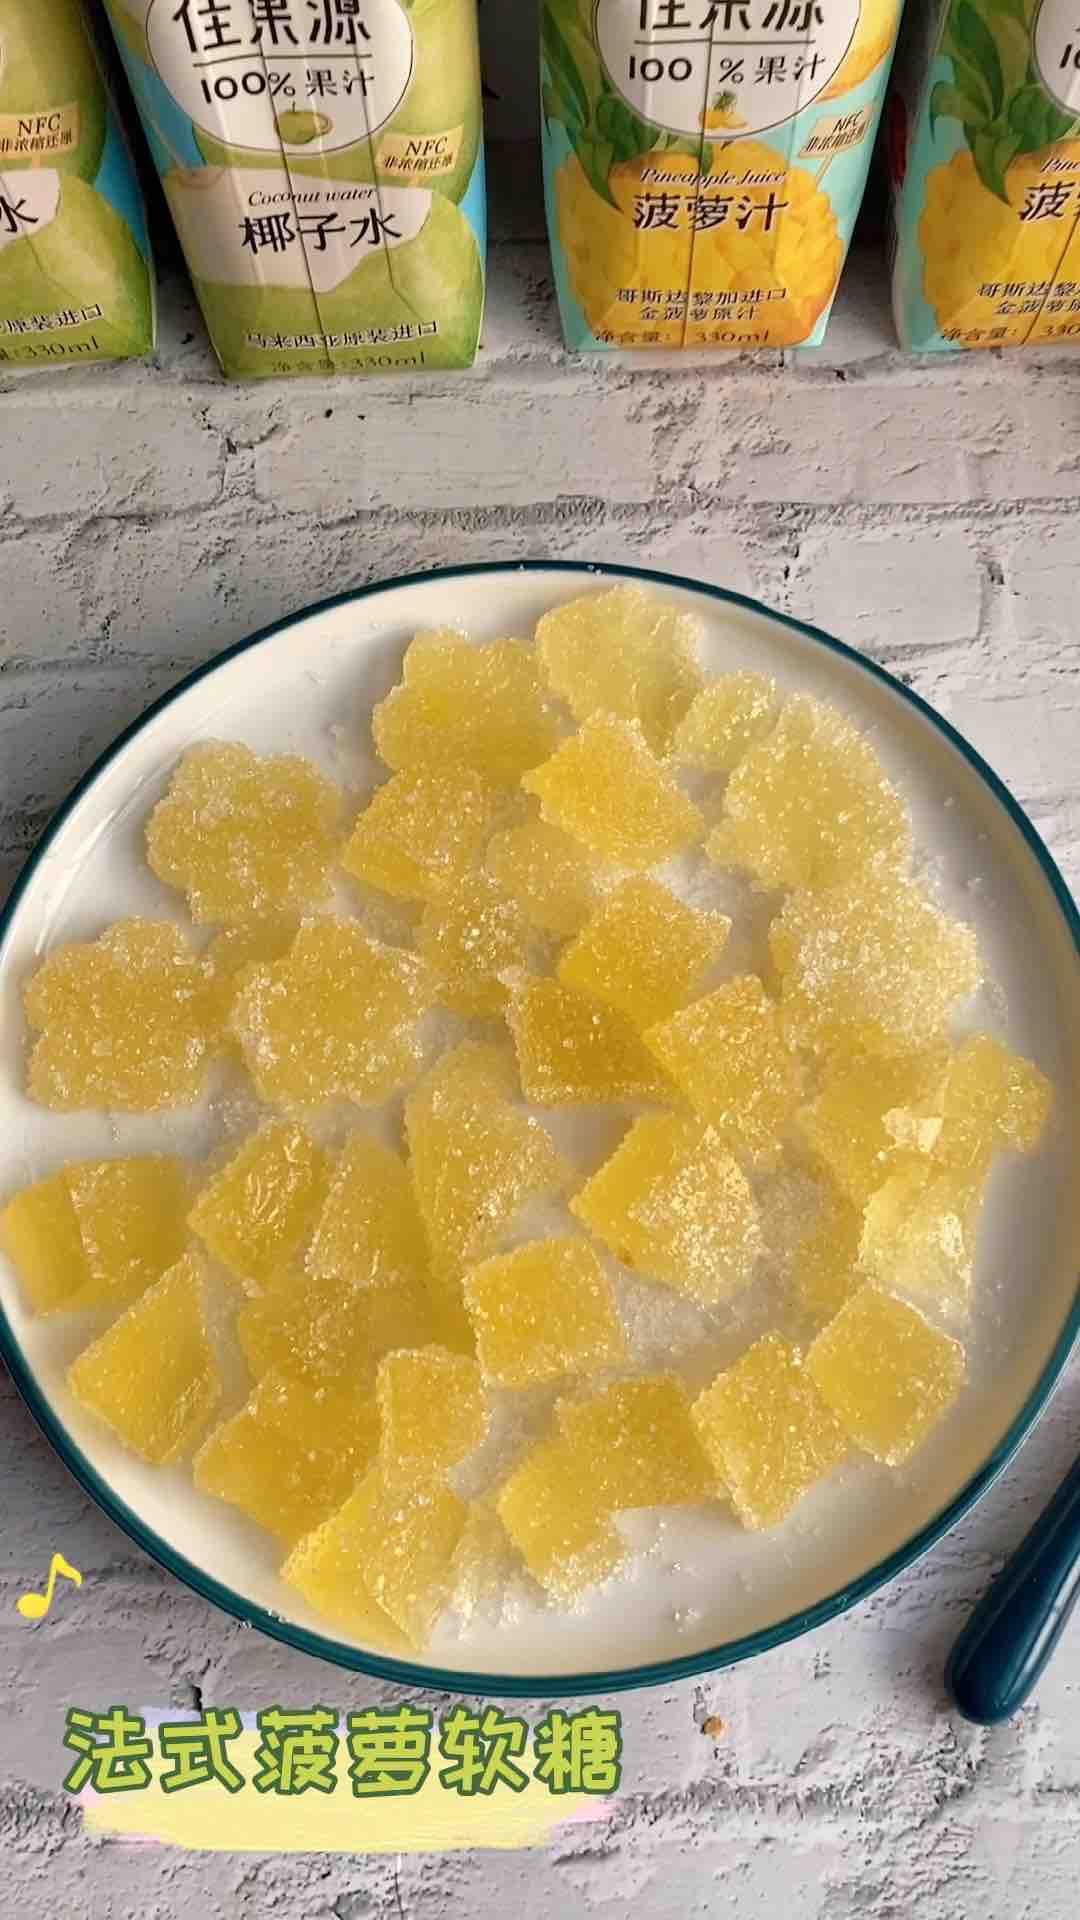 法式菠萝软糖